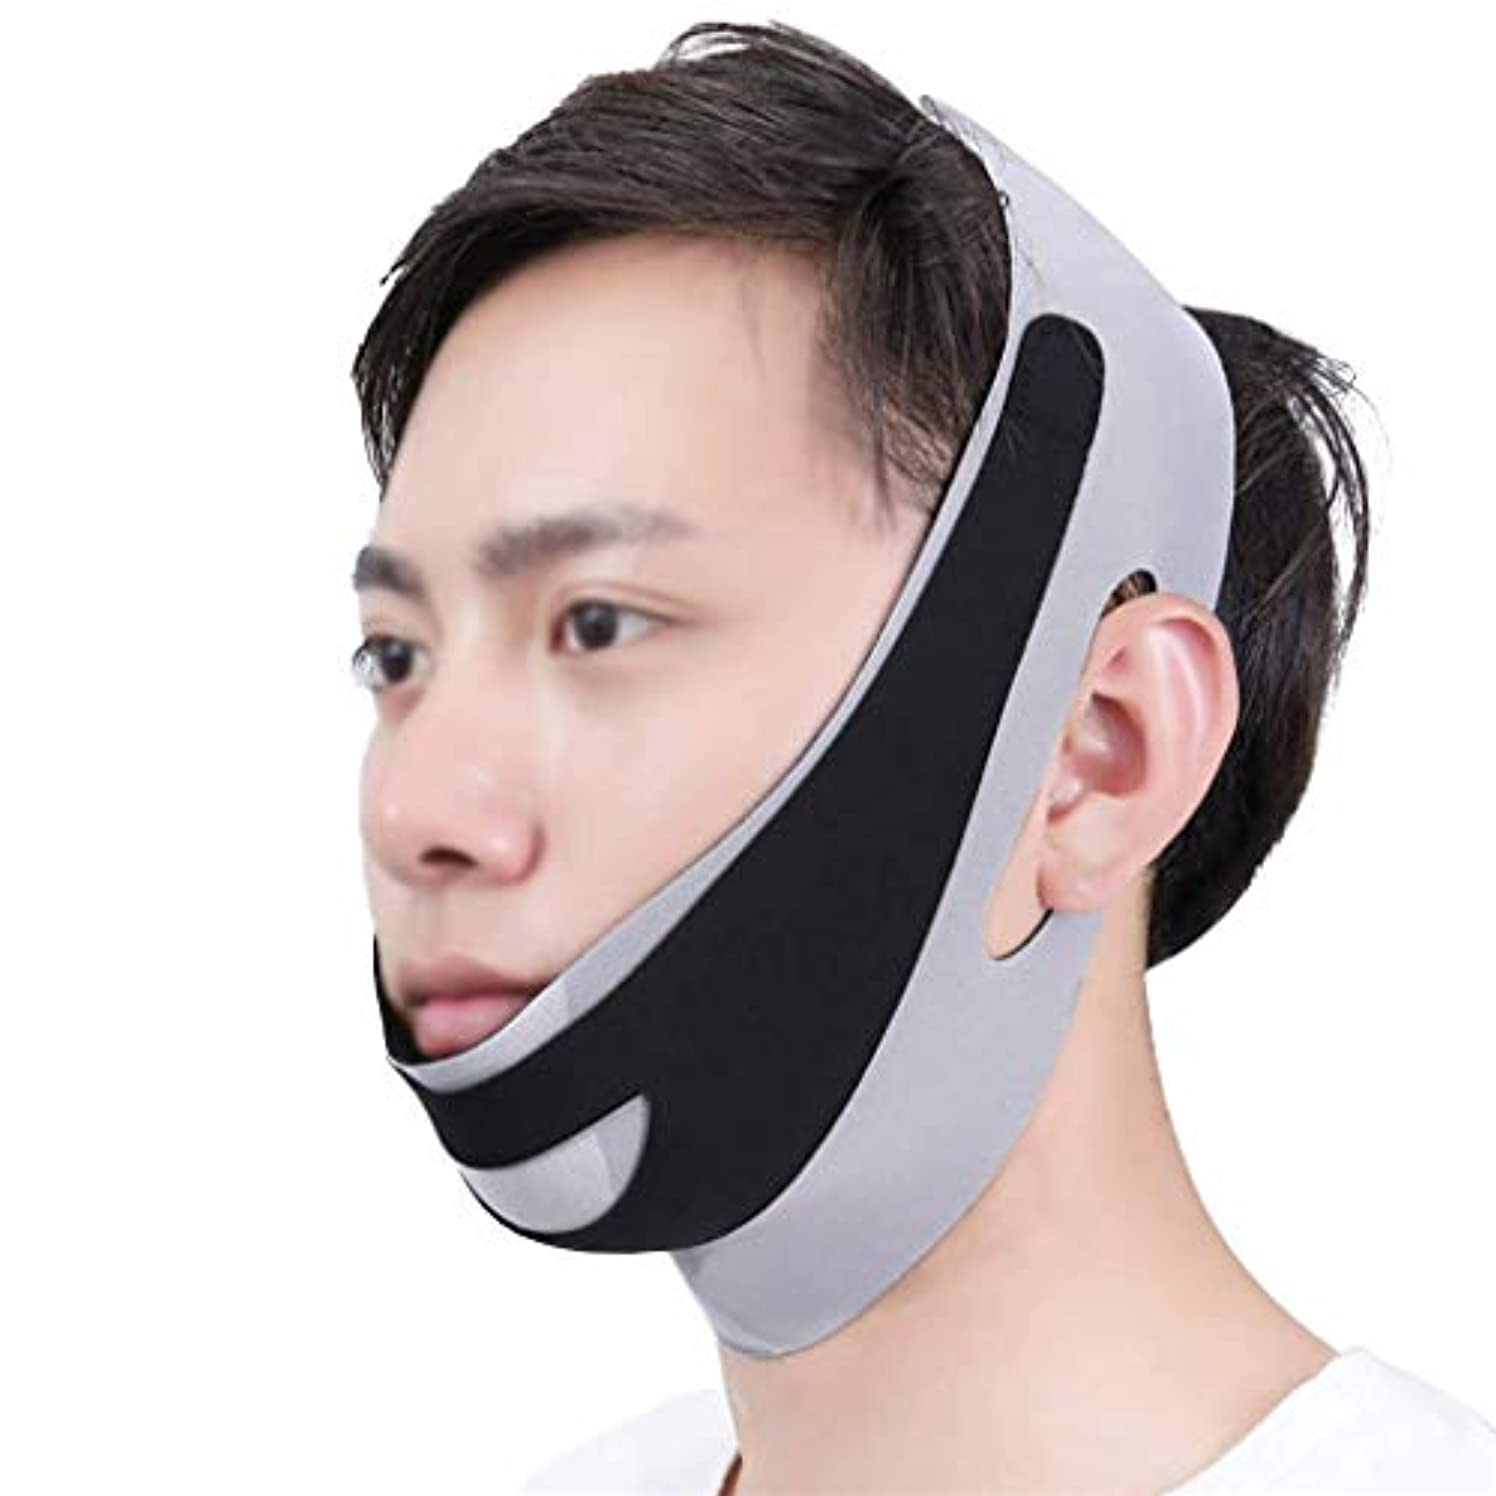 他の場所からに変化するガラガラ顔と首のリフト術後弾性顔マスク小V顔アーティファクト薄い顔包帯アーティファクトV顔吊り耳リフティング引き締め男性の顔アーティファクト